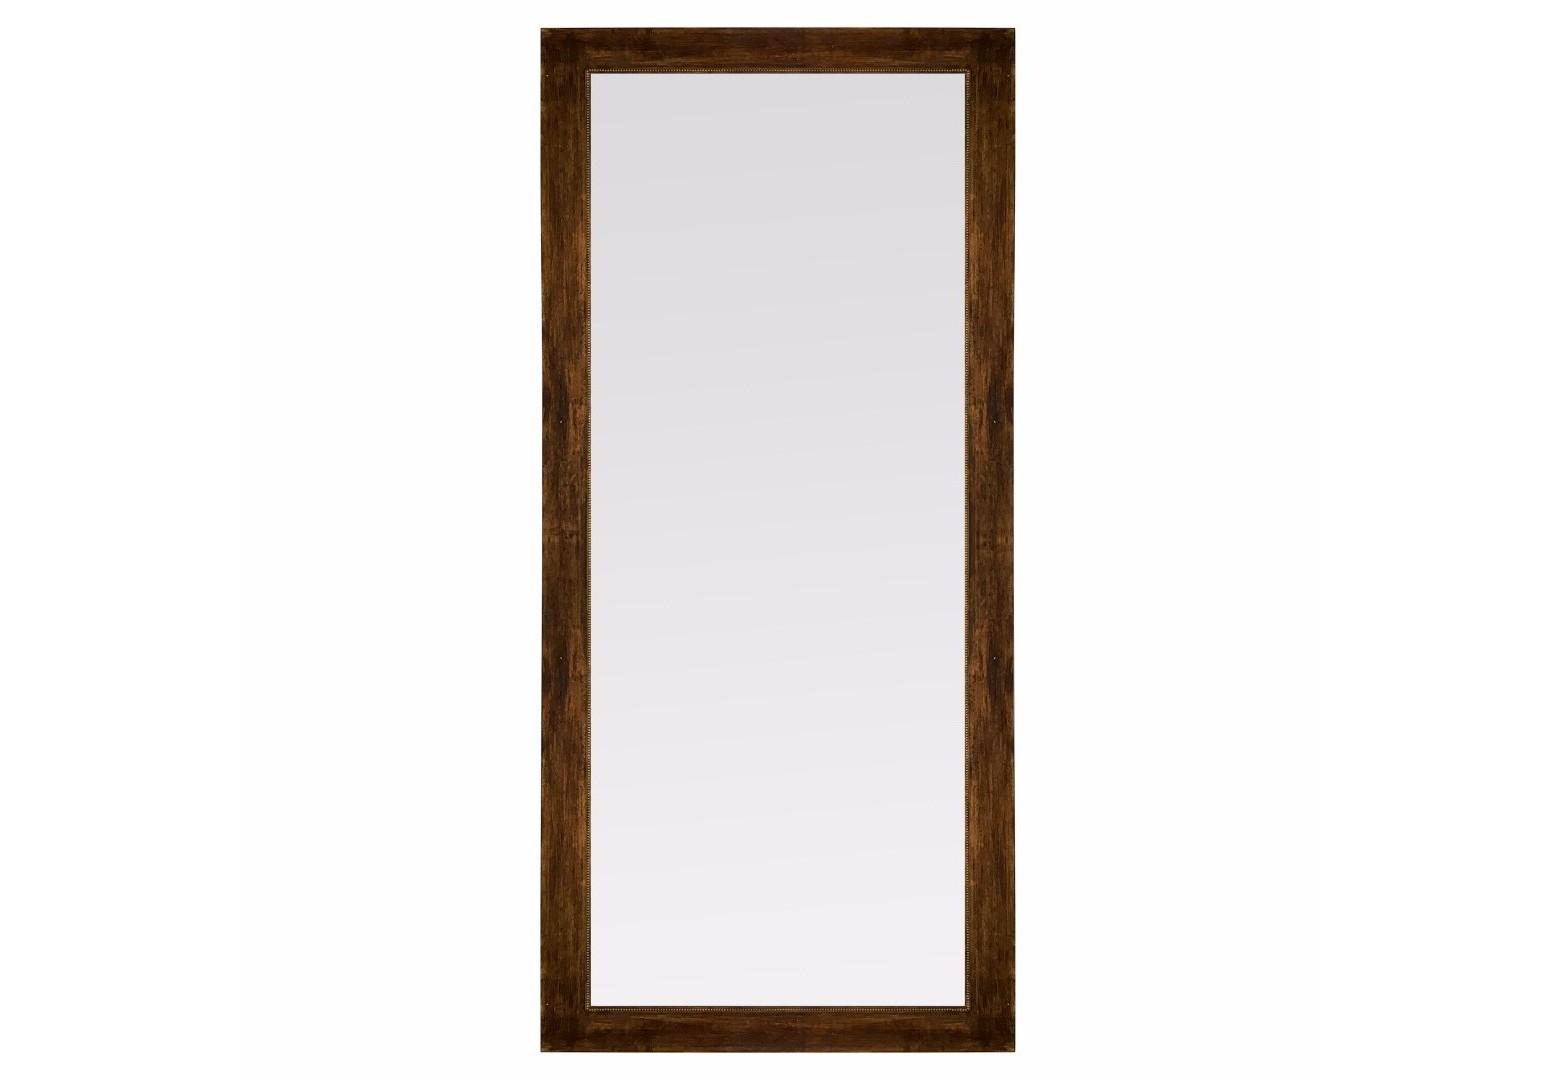 Зеркало PascalНапольные зеркала<br>&amp;lt;div&amp;gt;Коллекции&amp;amp;nbsp;&amp;lt;span style=&amp;quot;font-size: 14px;&amp;quot;&amp;gt;B-Home&amp;lt;/span&amp;gt;&amp;amp;nbsp;– это дизайнерские зеркала, зеркальная мебель и предметы интерьера. Все изделия от и до мы создаем сами в нашей мастерской. Каждое – это уникальное произведение, арт-объект со своей историей и мелодией. Мы следим за современными трендами, лично отбираем лучшие материалы и каждый день трудимся над созданием новых шедевров, которые будут радовать вас. Если вы ищете что-то действительно качественное, стоящее и эксклюзивное, что сделано с душой и руками человека,&amp;amp;nbsp;&amp;lt;span style=&amp;quot;font-size: 14px;&amp;quot;&amp;gt;B-Home&amp;amp;nbsp;&amp;lt;/span&amp;gt;придется вам по вкусу!&amp;amp;nbsp;&amp;lt;/div&amp;gt;&amp;lt;div&amp;gt;&amp;lt;br&amp;gt;&amp;lt;/div&amp;gt;&amp;lt;div&amp;gt;Возможно изготовление по Вашим цветам и размерам.&amp;lt;/div&amp;gt;<br><br>Material: МДФ<br>Ширина см: 80.0<br>Высота см: 180.0<br>Глубина см: 8.0